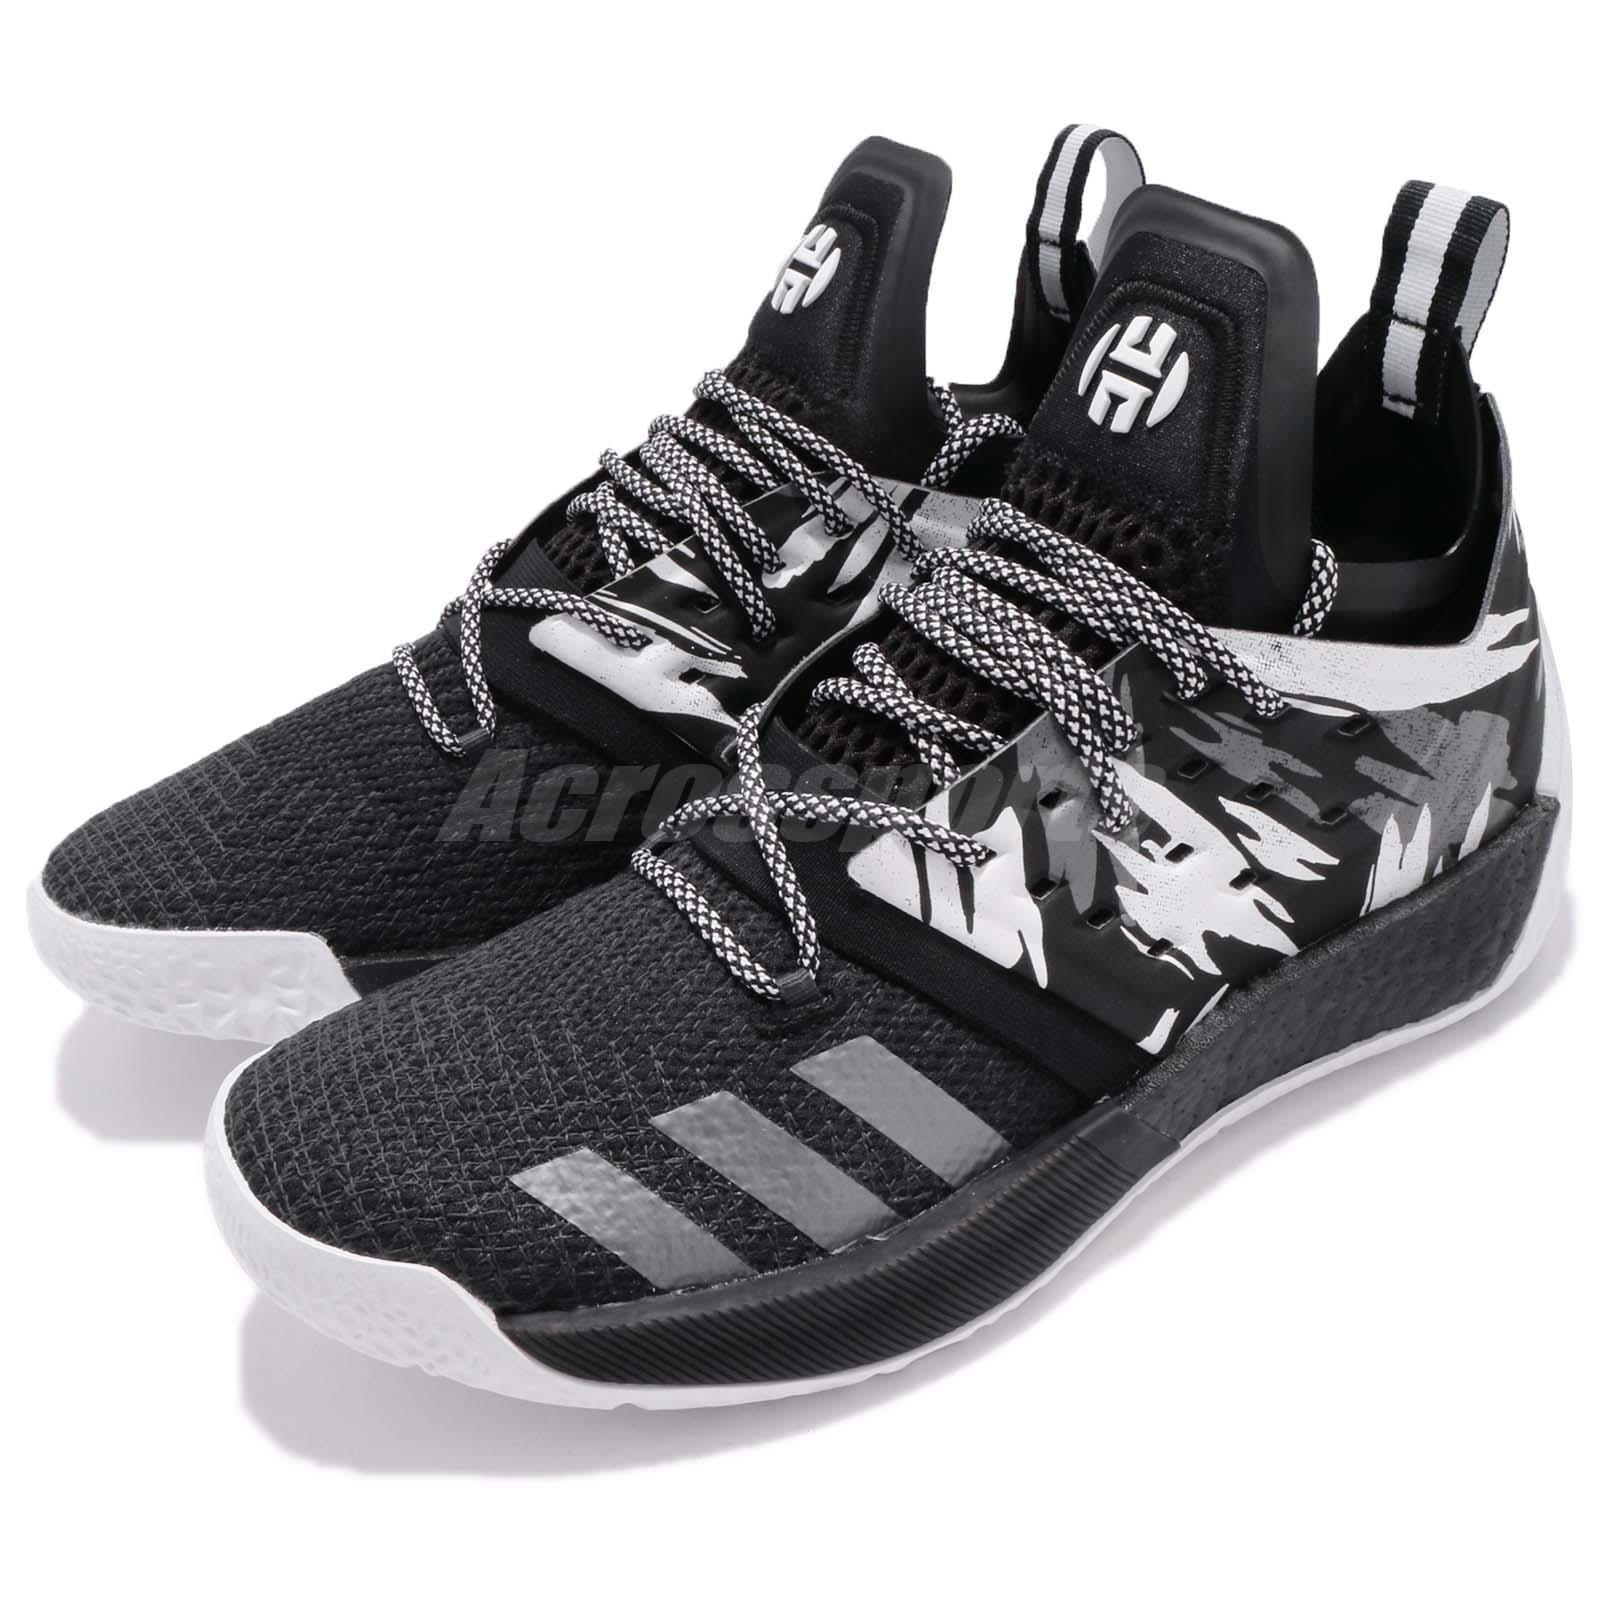 James Harden Shoes Vol 2